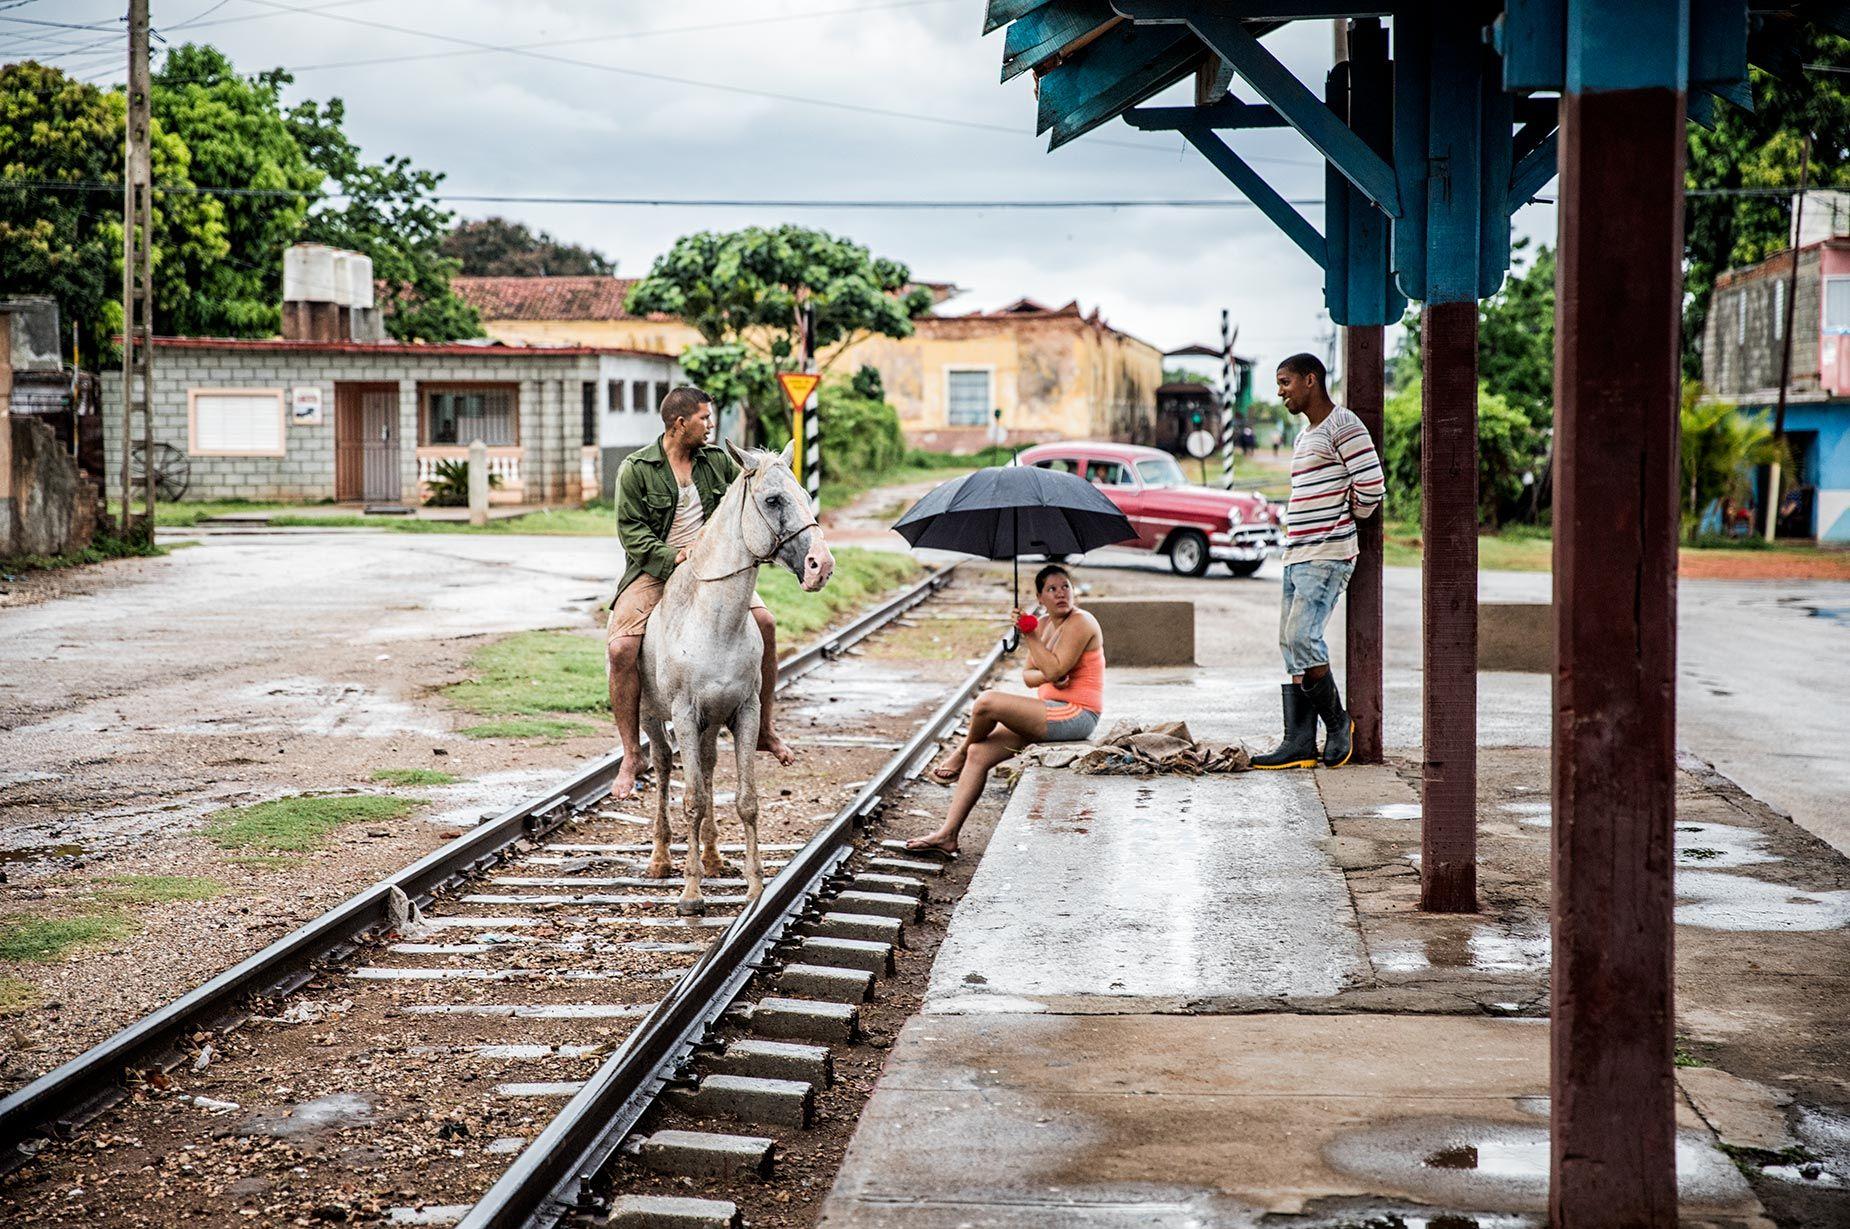 Cuba_177-Edit.jpg